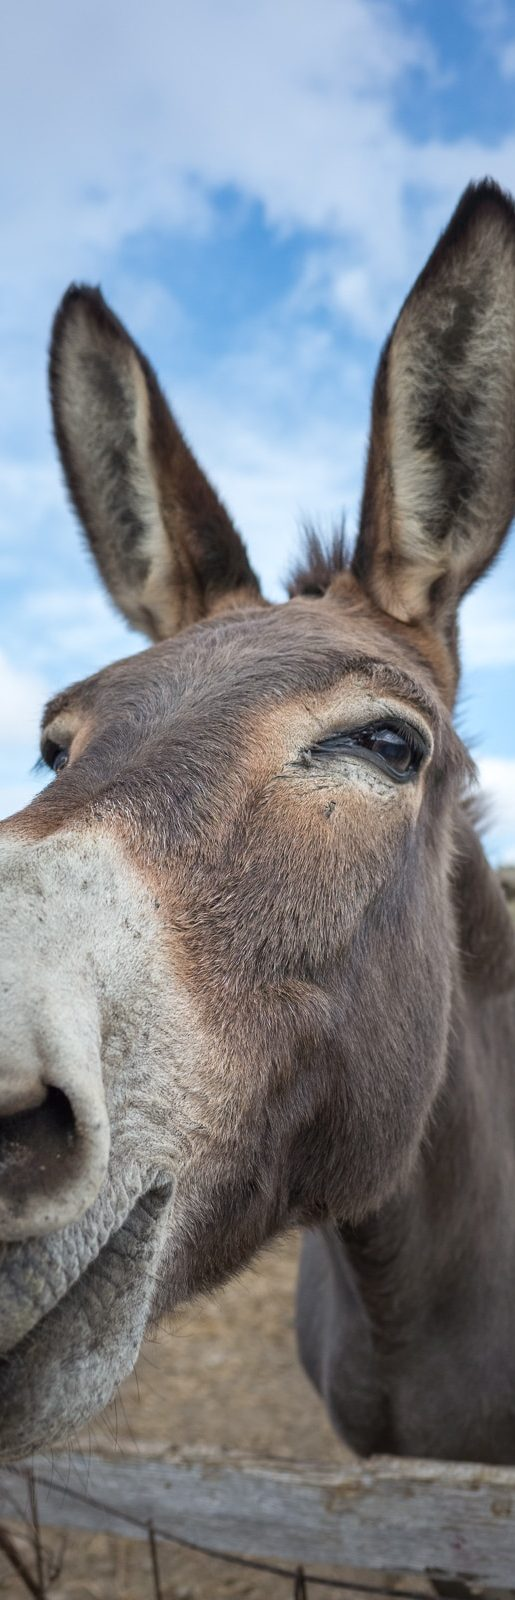 Syros Donkey